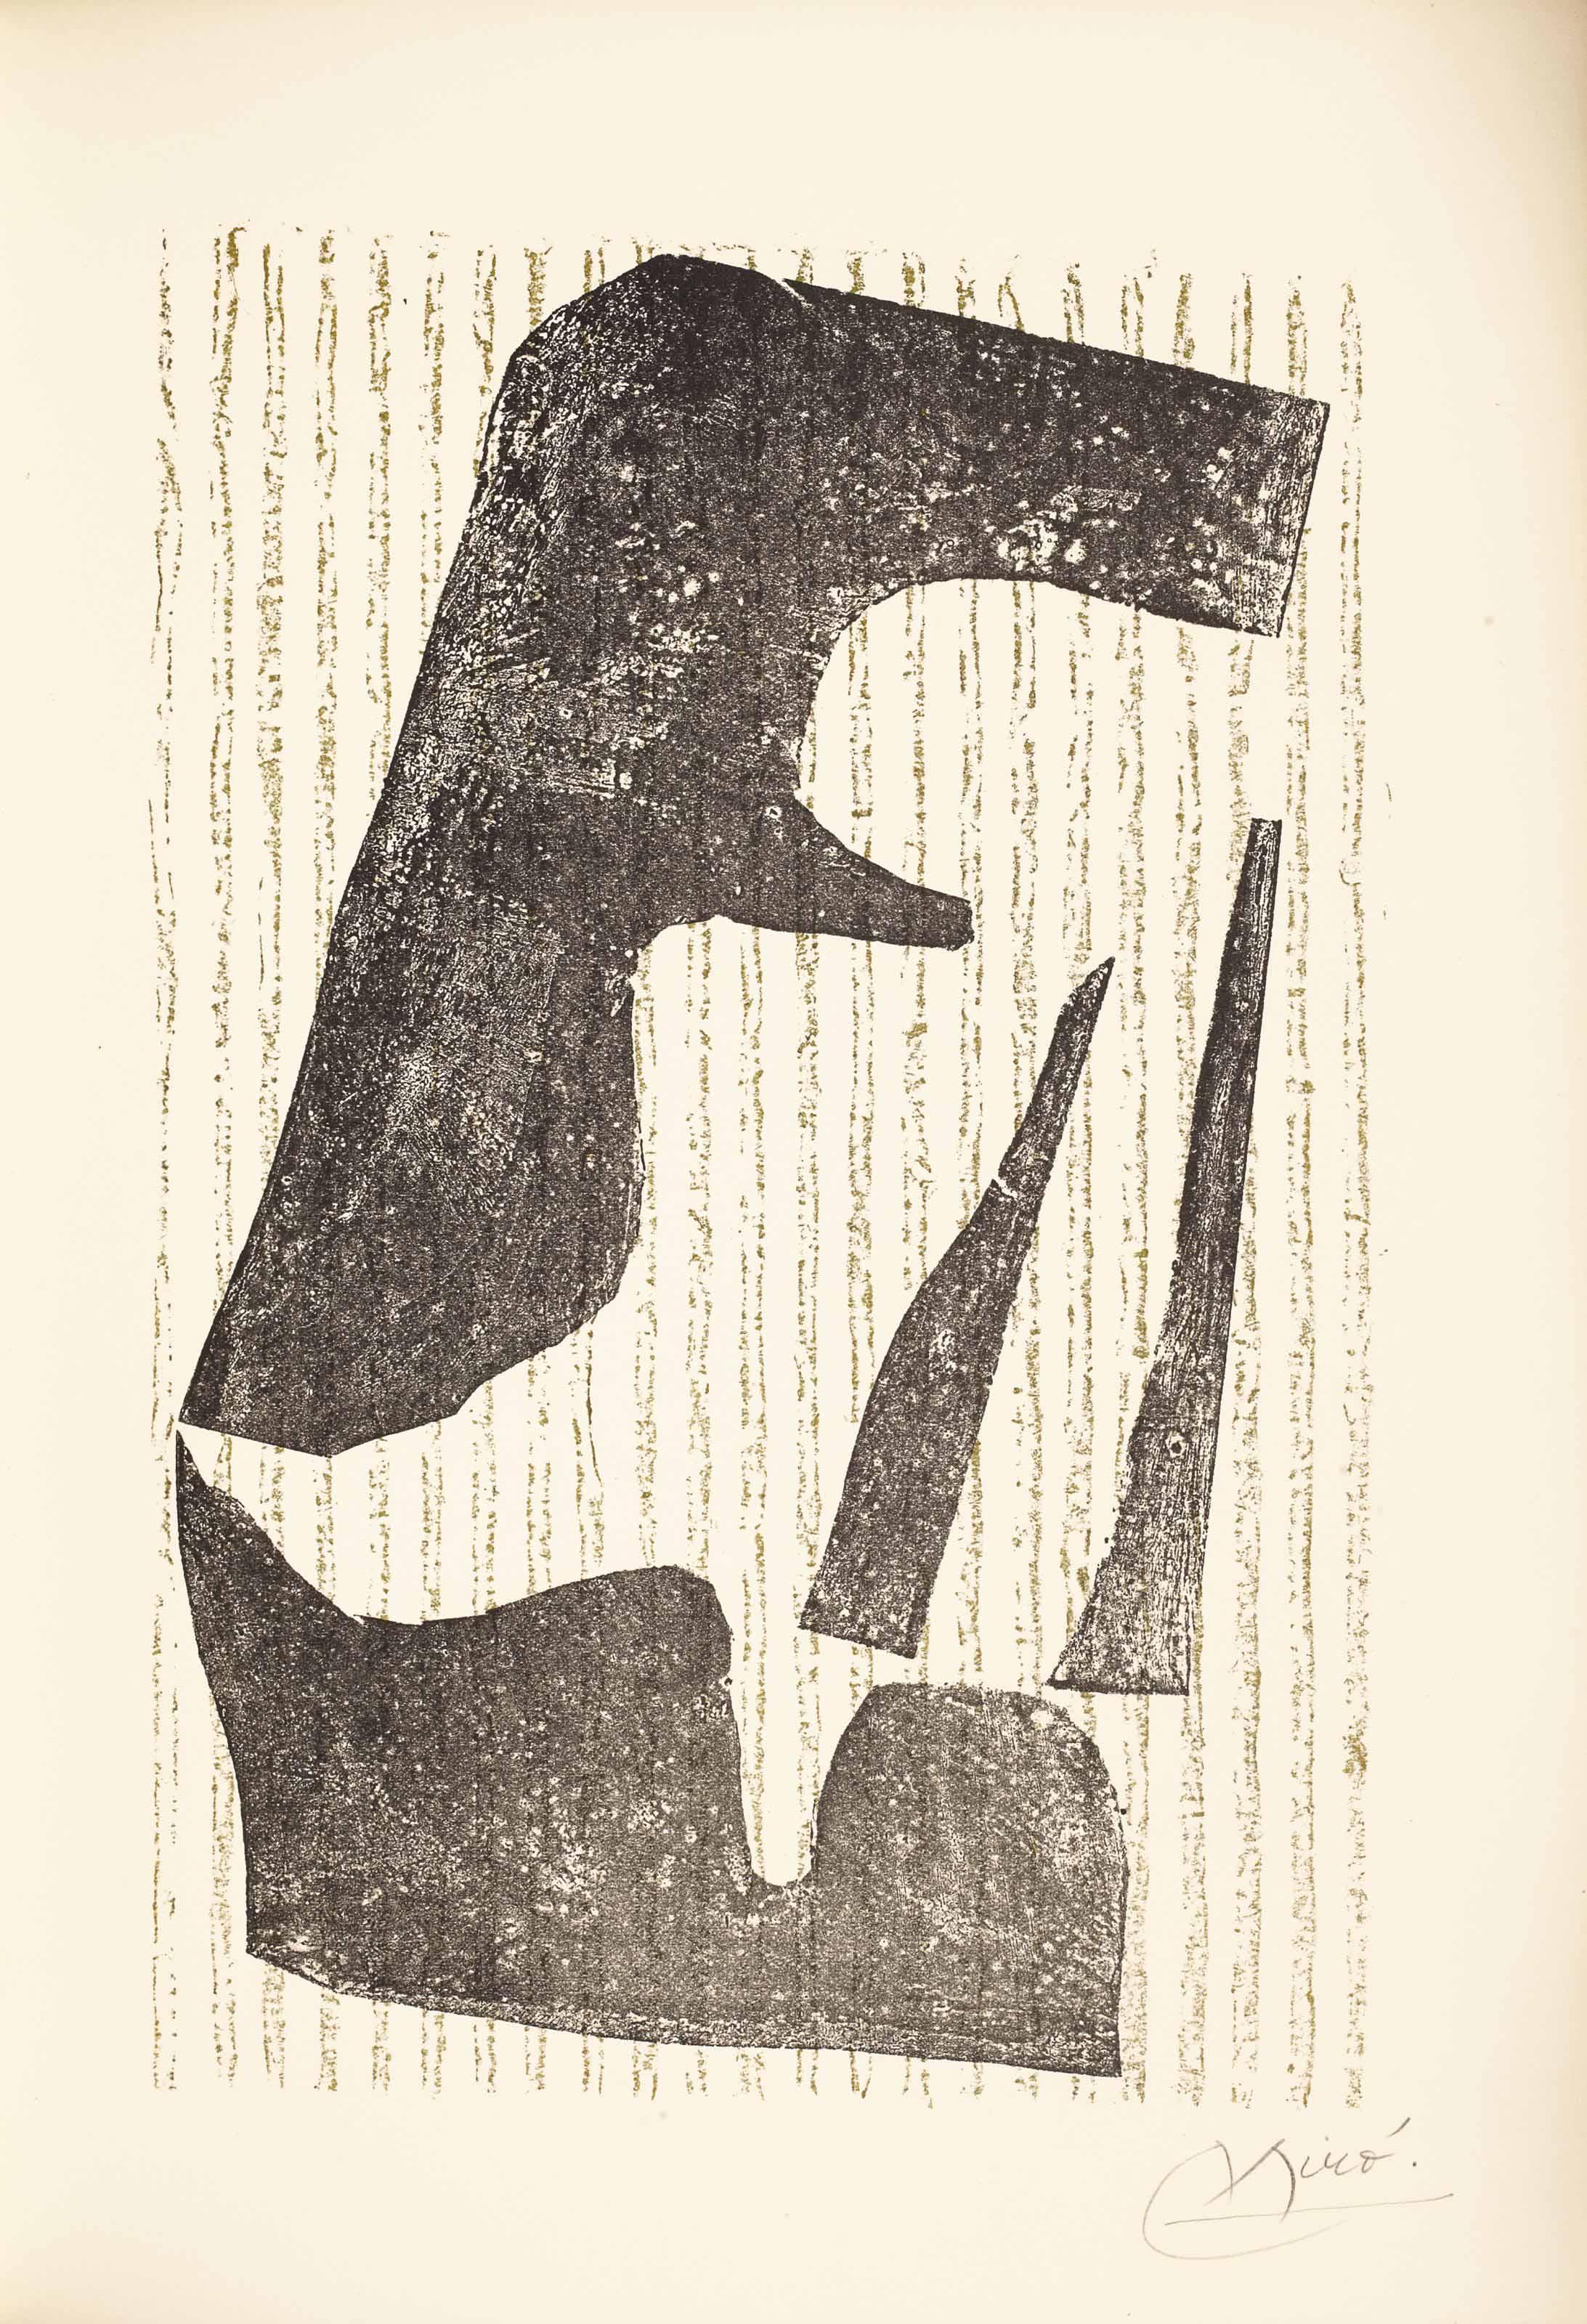 [MIRÓ] – Pierre-André BENOÎT (1921-1993). Pour 1971. [Alès : PAB, 1975]. In-4 (326 x 230 mm). 3 cartalégraphies originales de Joan Miró dont une signée (couverture et 2 à pleine page). Reliure signée Leroux au contreplat et datée 1993, box gris, plats ornés de grandes compositions abstraites formées de pièces mosaïquées de toile grise, ronds de box noir, rouge et vert et rectangles de cuir estampé, dos lisse, couverture, chemise et étui assortis.